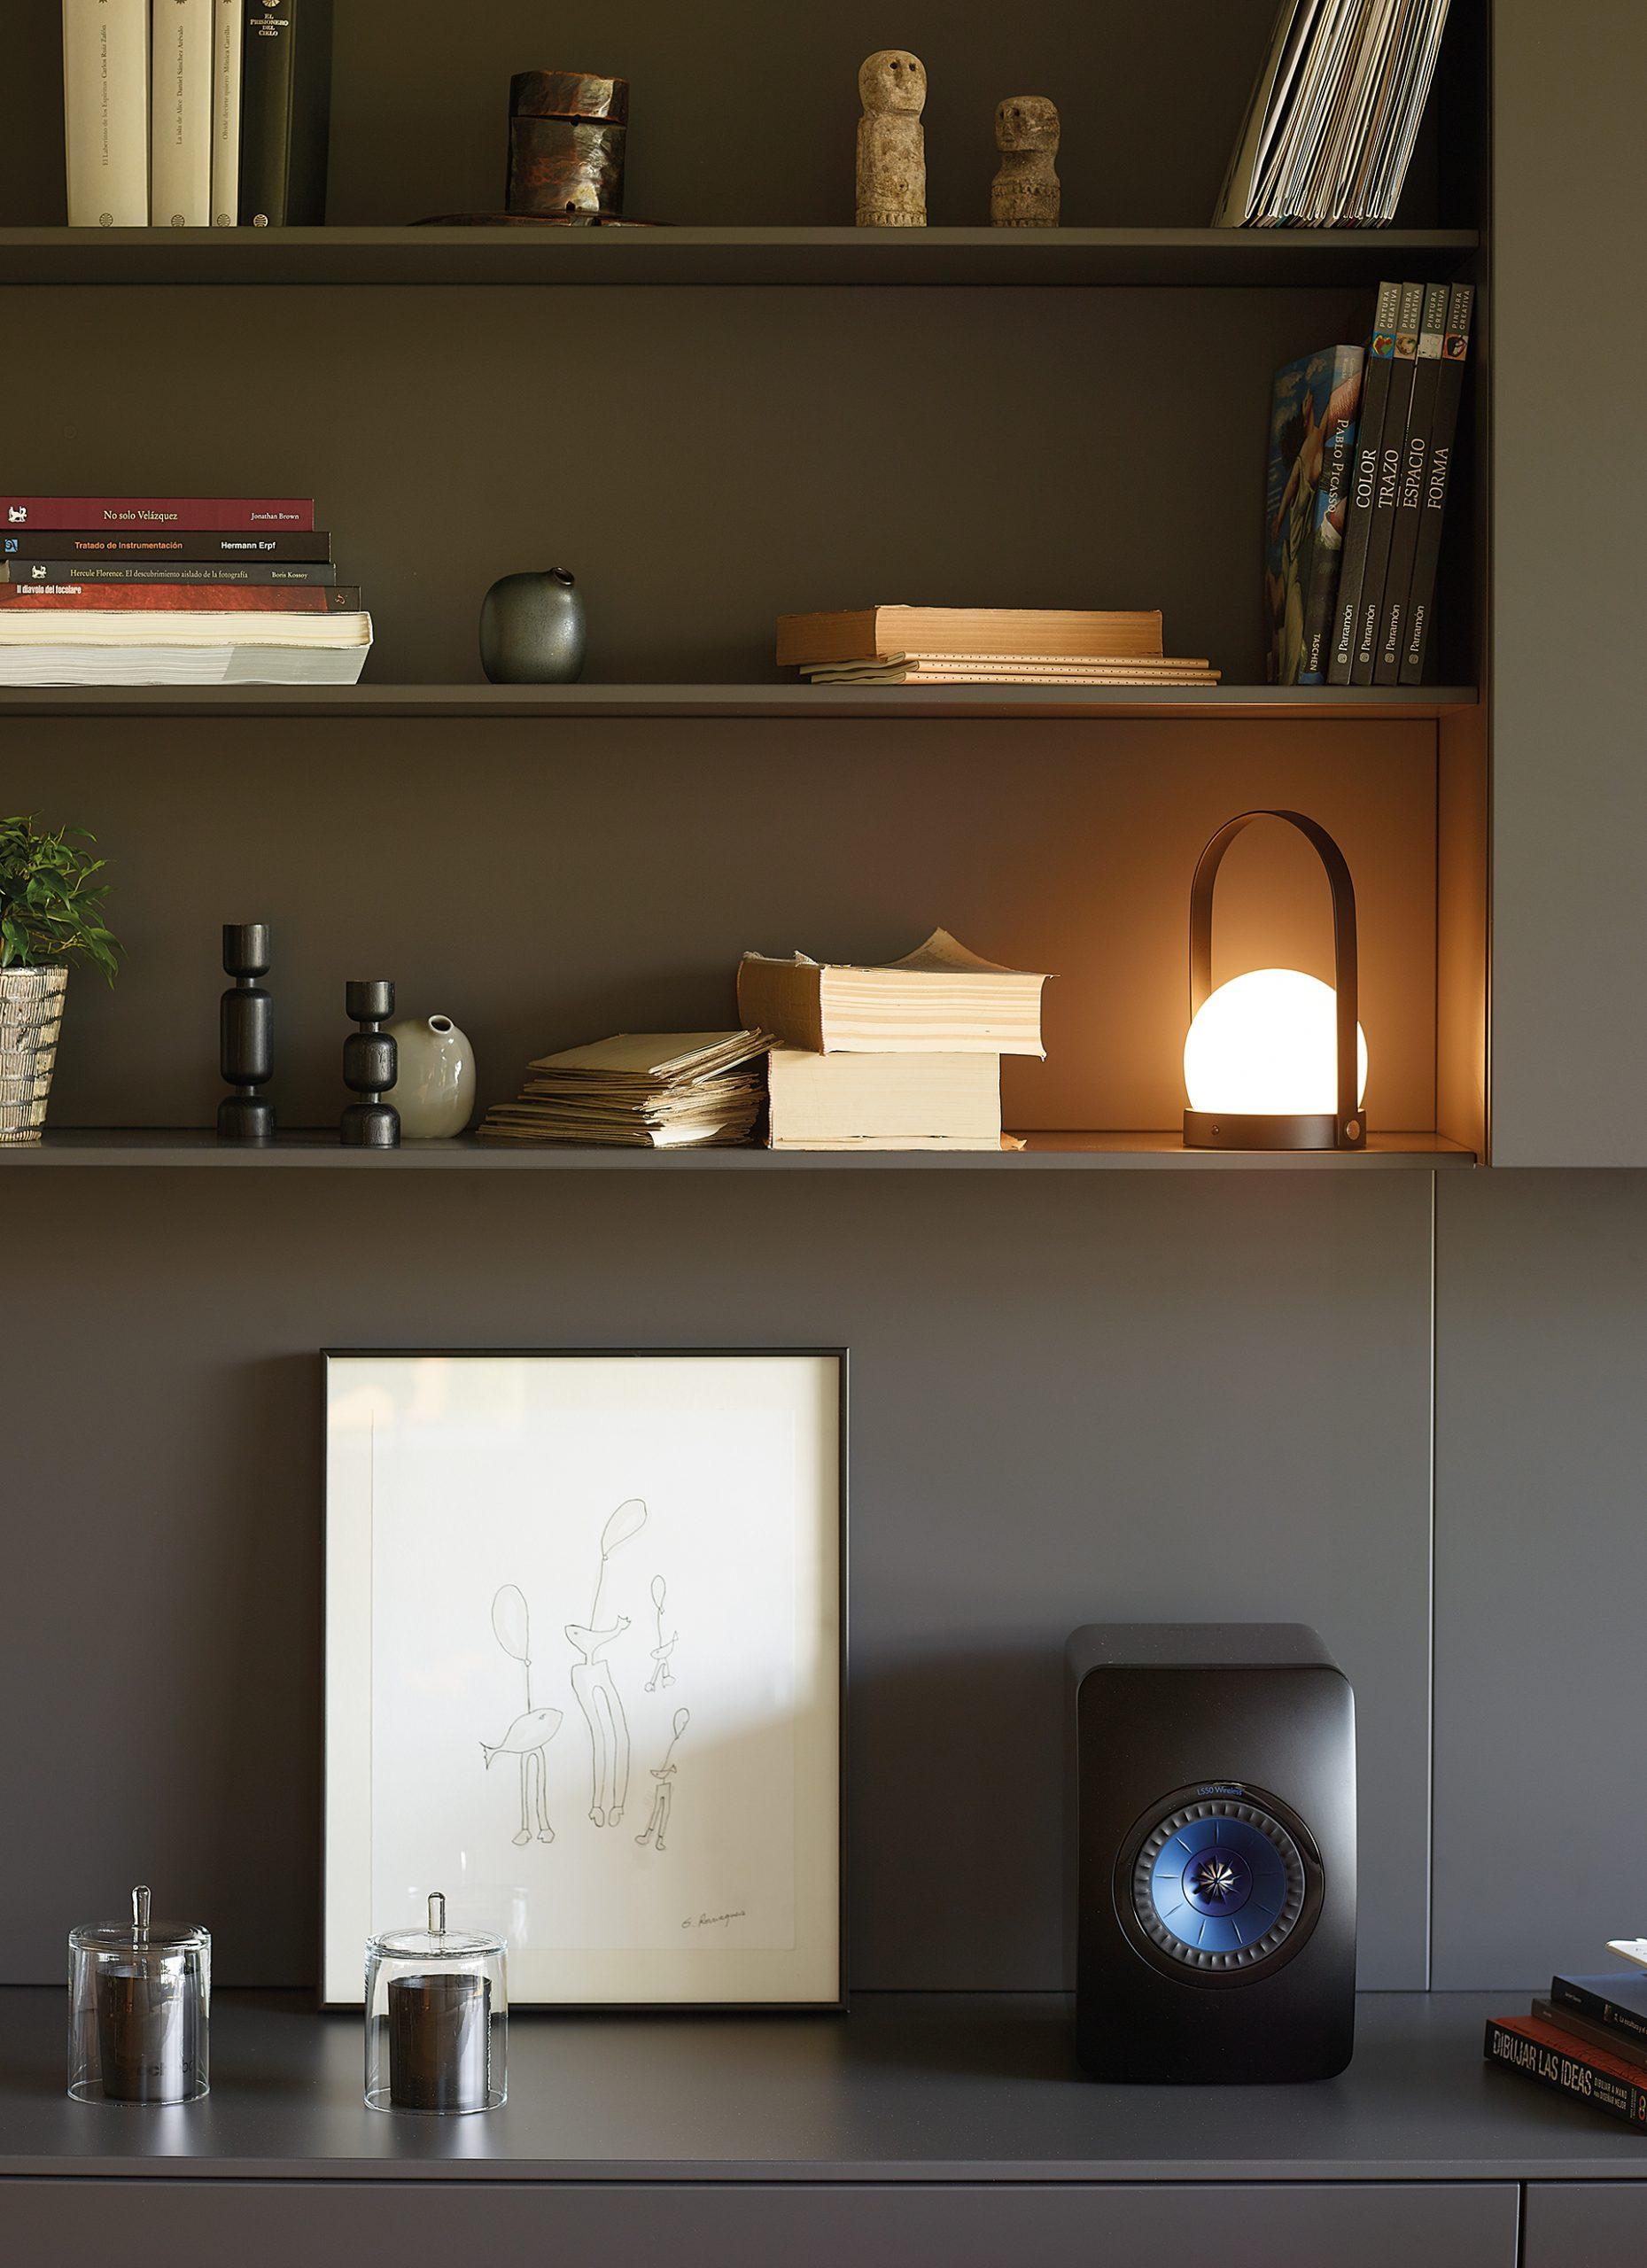 Estanterías muebles de salón integrado para libros